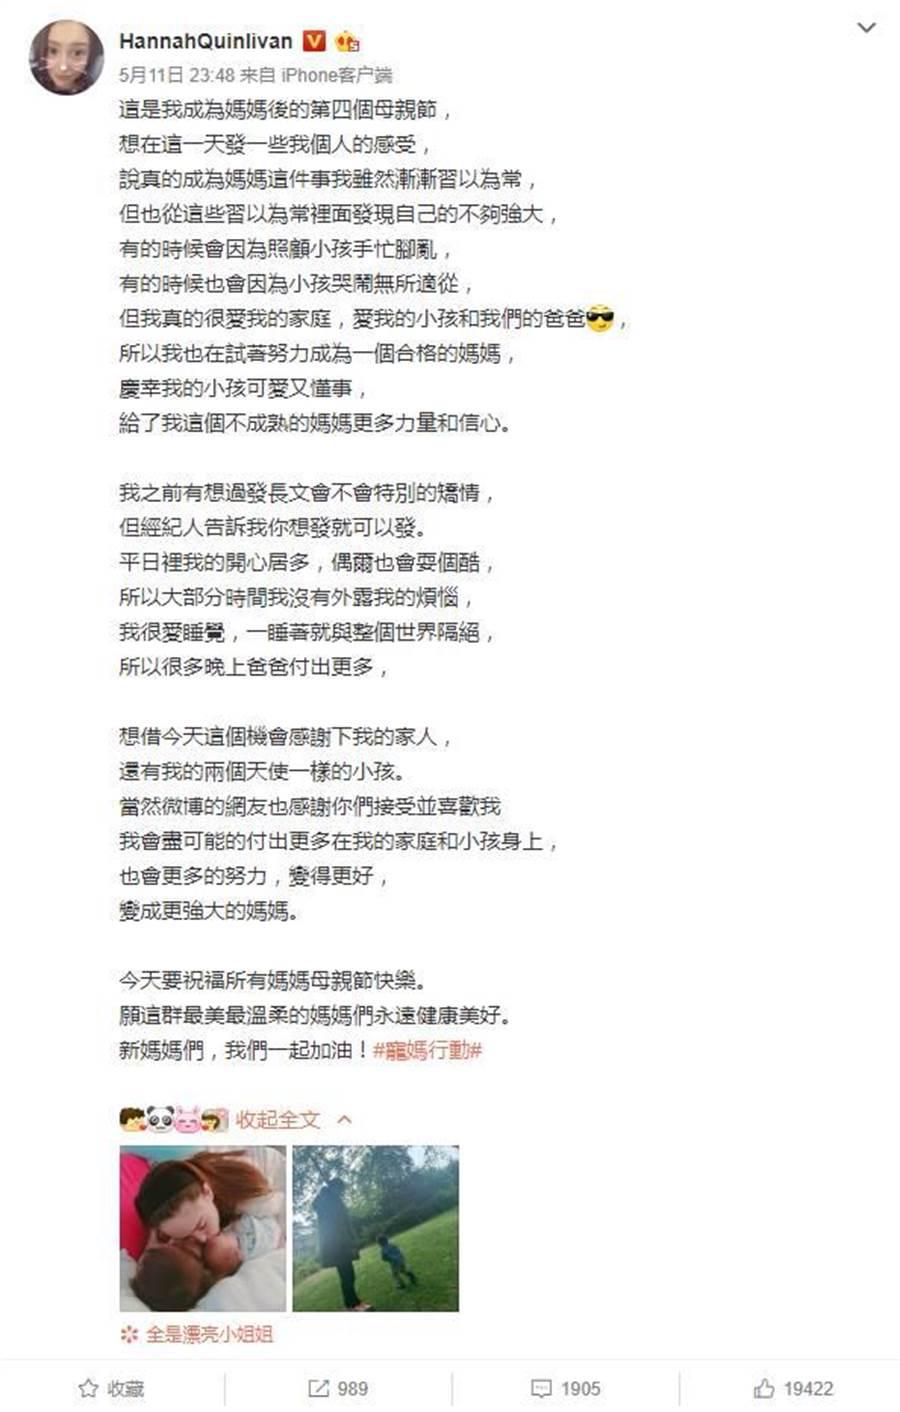 昆凌罕见吐25岁当妈心声「常发现自己不够强大」 - 中时电子报 Chinatimes.com -20190512000871